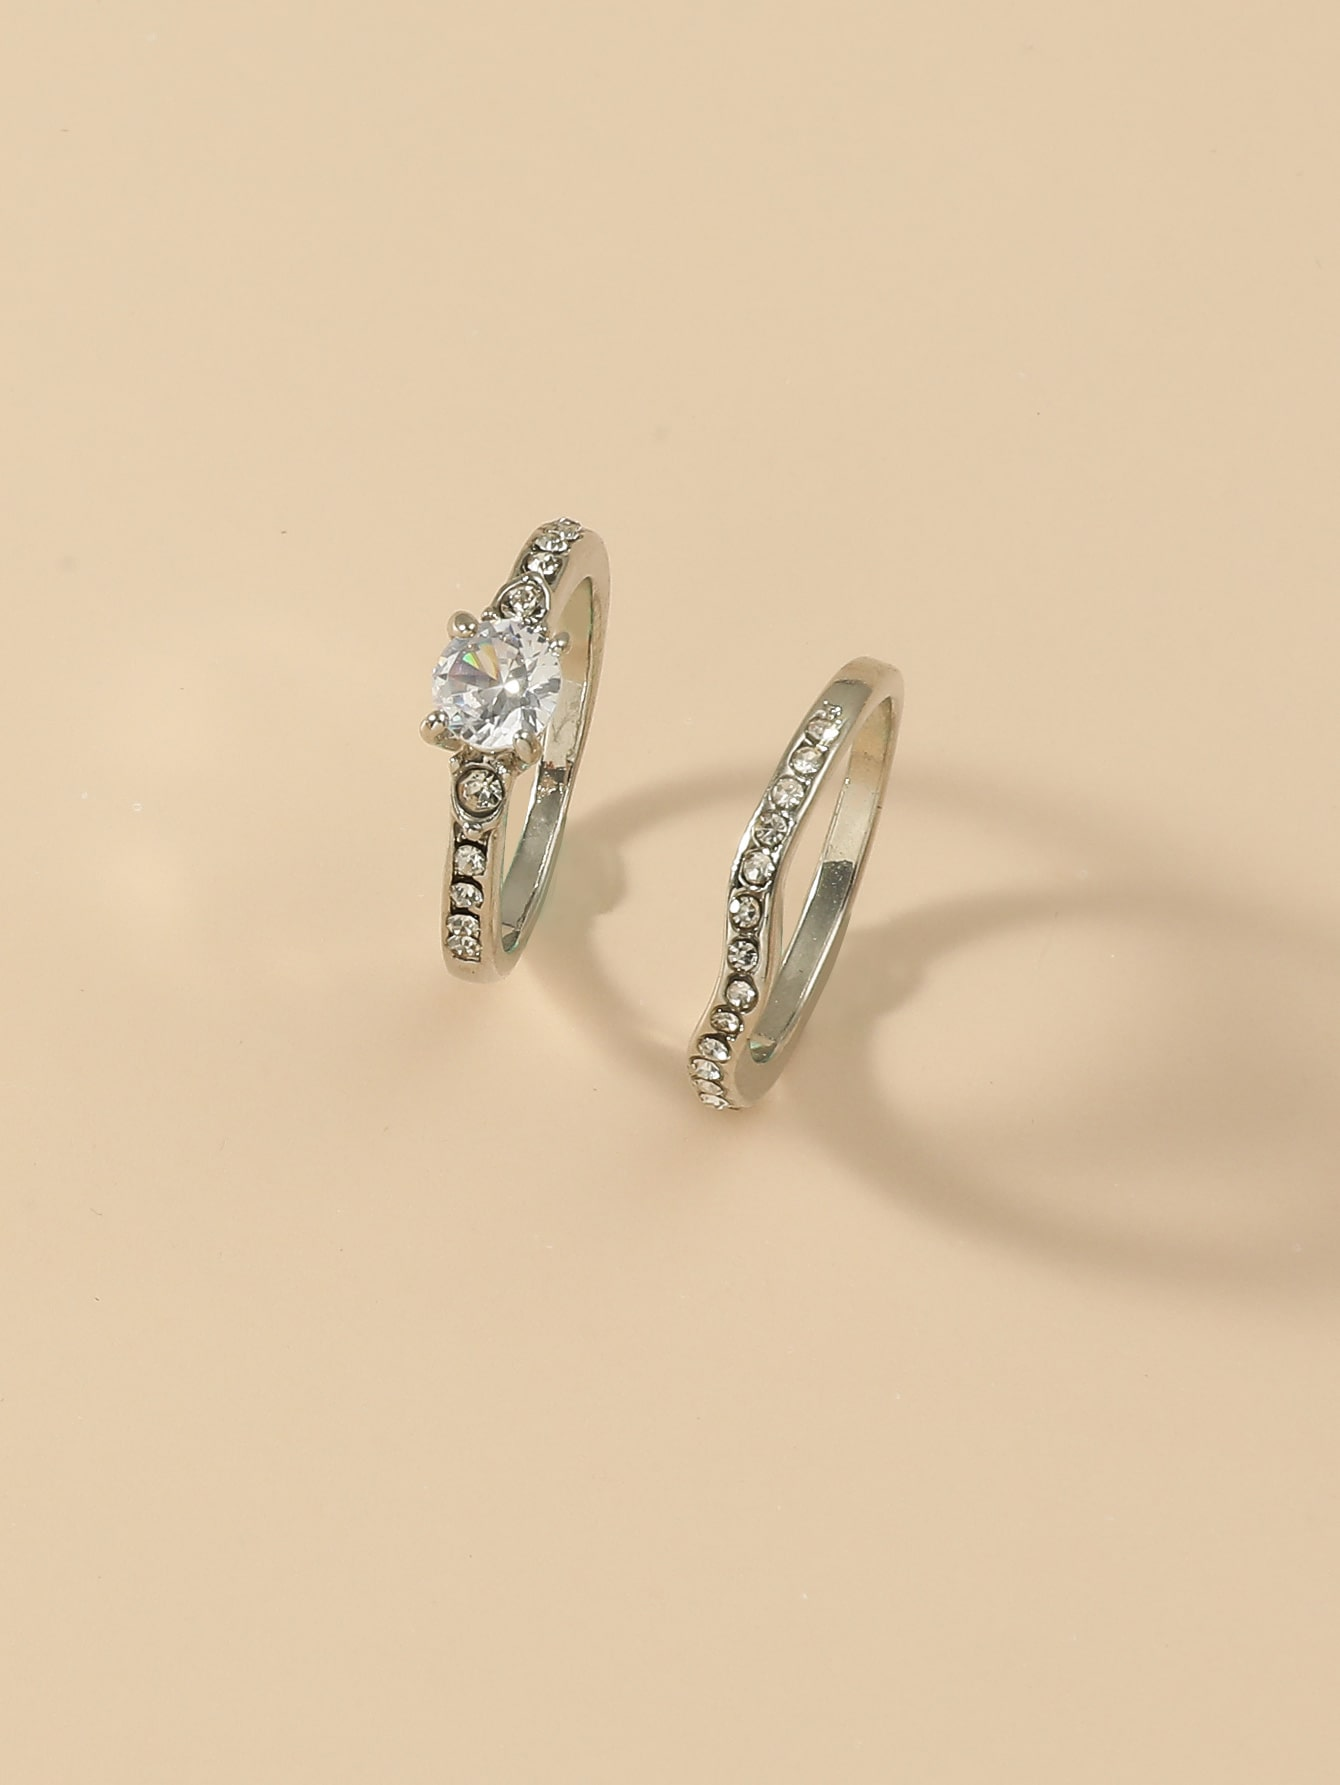 2pcs Rhinestone Decor Ring thumbnail